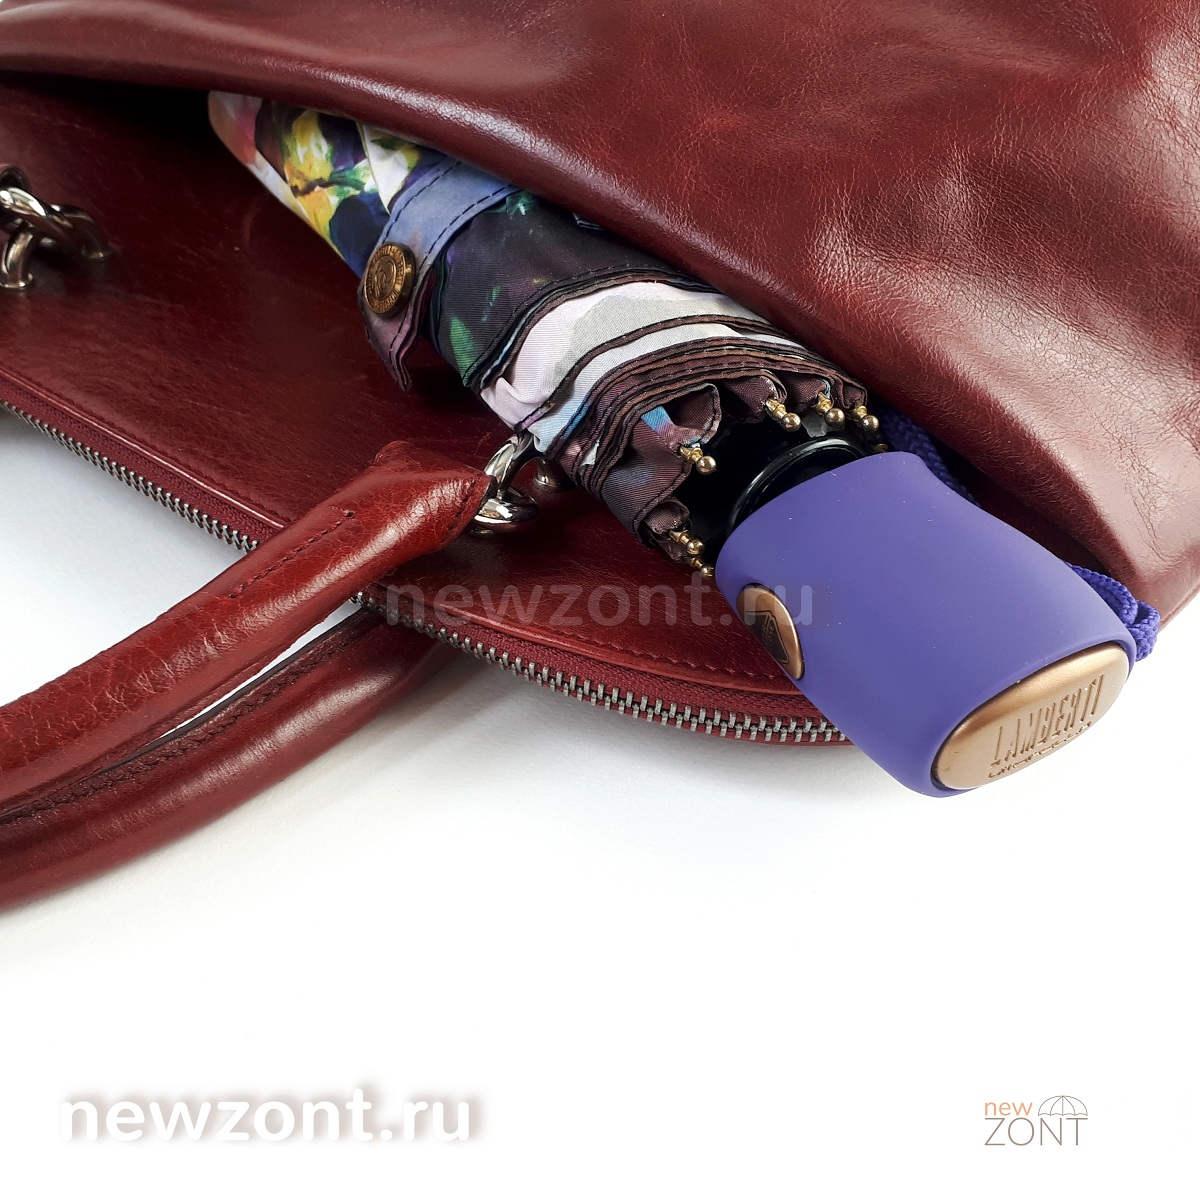 Плоский фиолетовый зонт автомат Lamberti